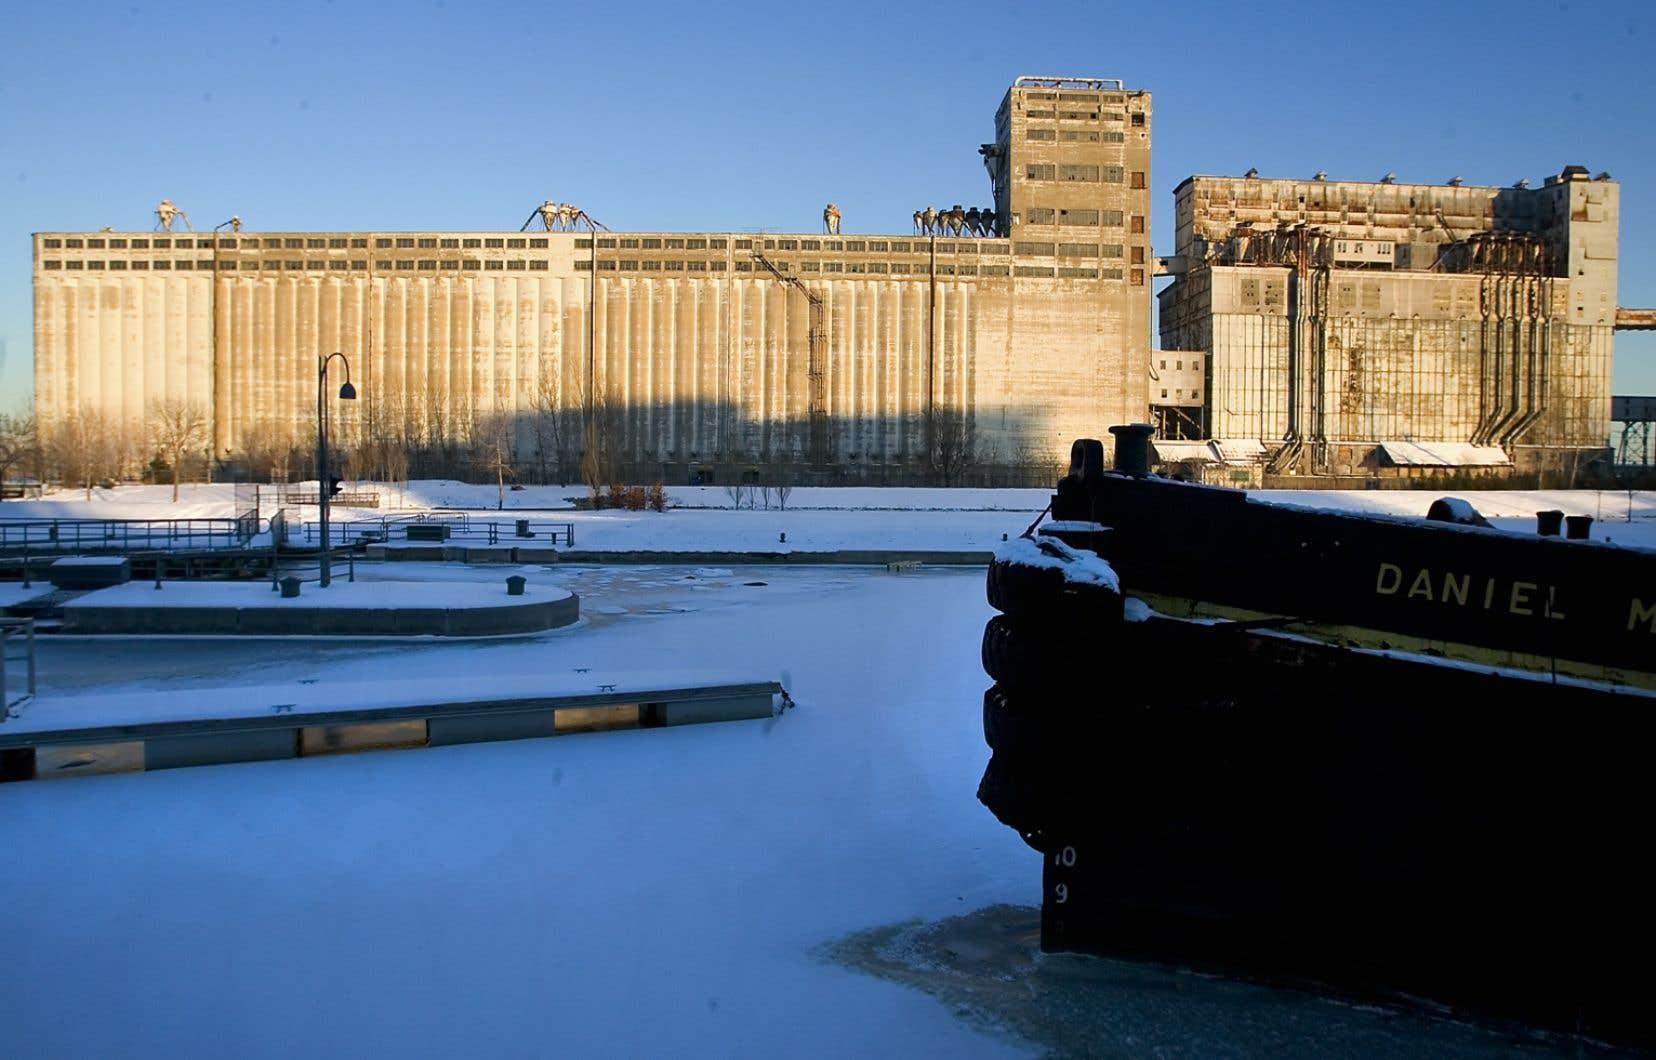 Alors que de nombreuses villes du monde remettent leur patrimoine industriel au goût du jour, Montréal tarde à donner une seconde vie aux silos à grain du Vieux-Port.